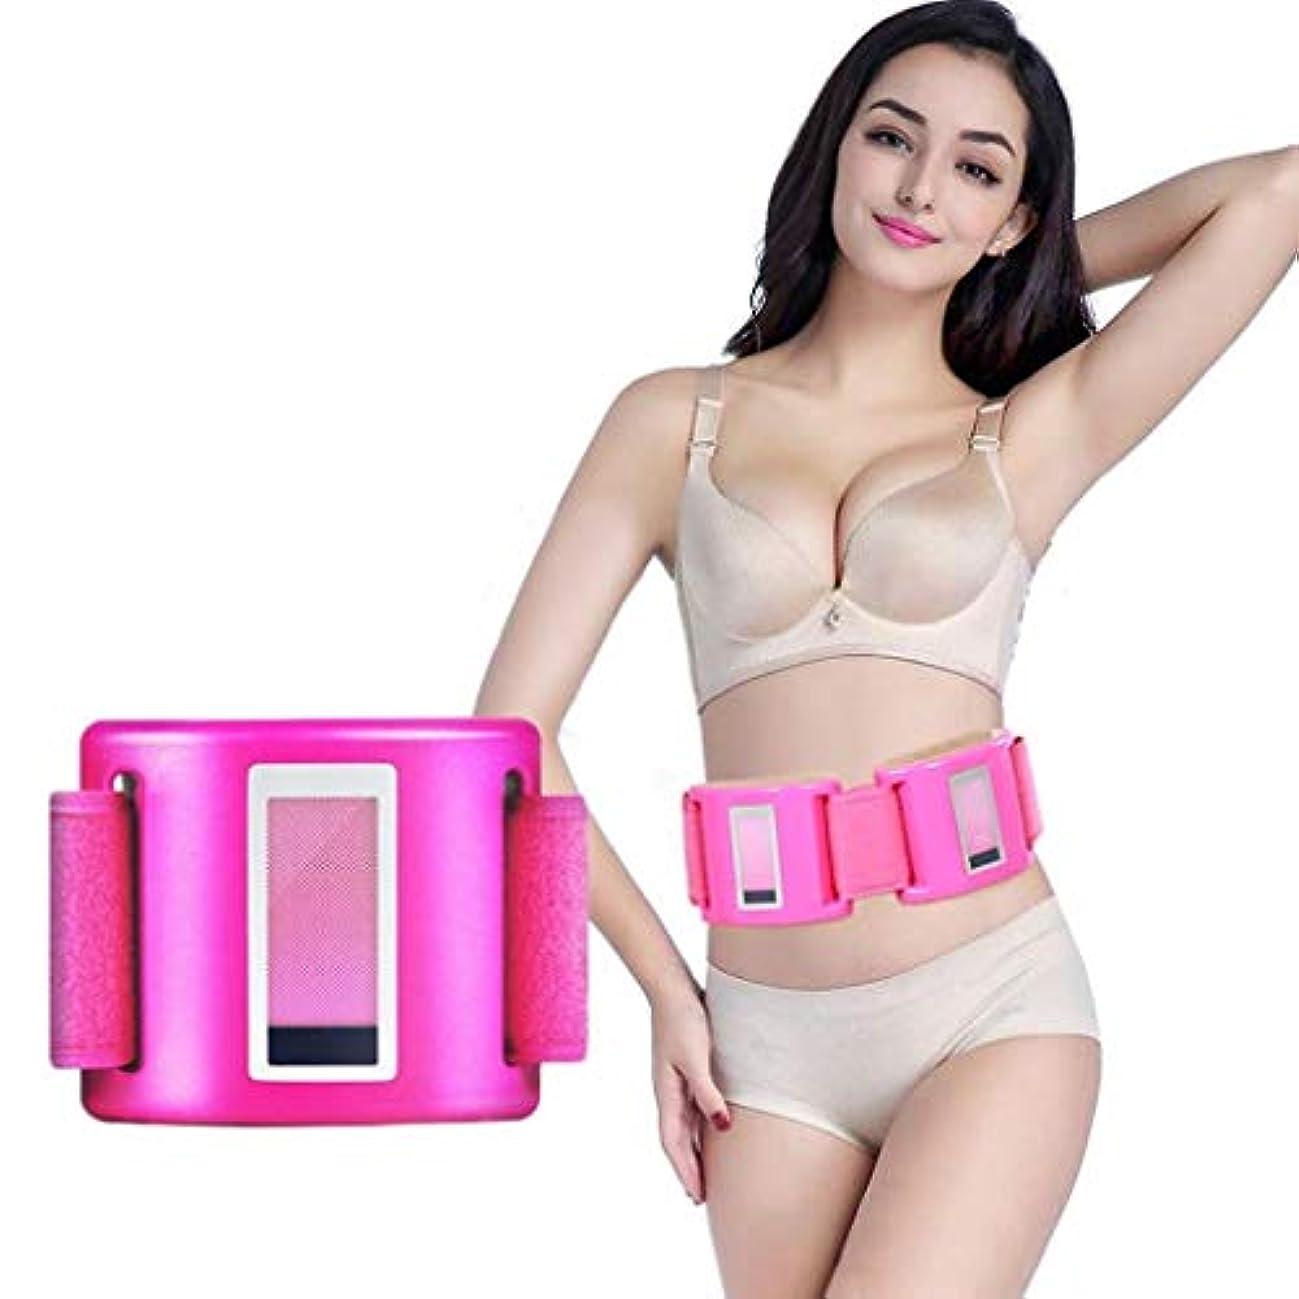 ハンディキャップマイク快適腹部のマッサージャー、電気細くの熱振動の専門ボディベルト、脂肪質の非常に熱いベルトの電気腹部の脂肪質のマッサージャーの細い機械減量の弛緩 (Color : Red)